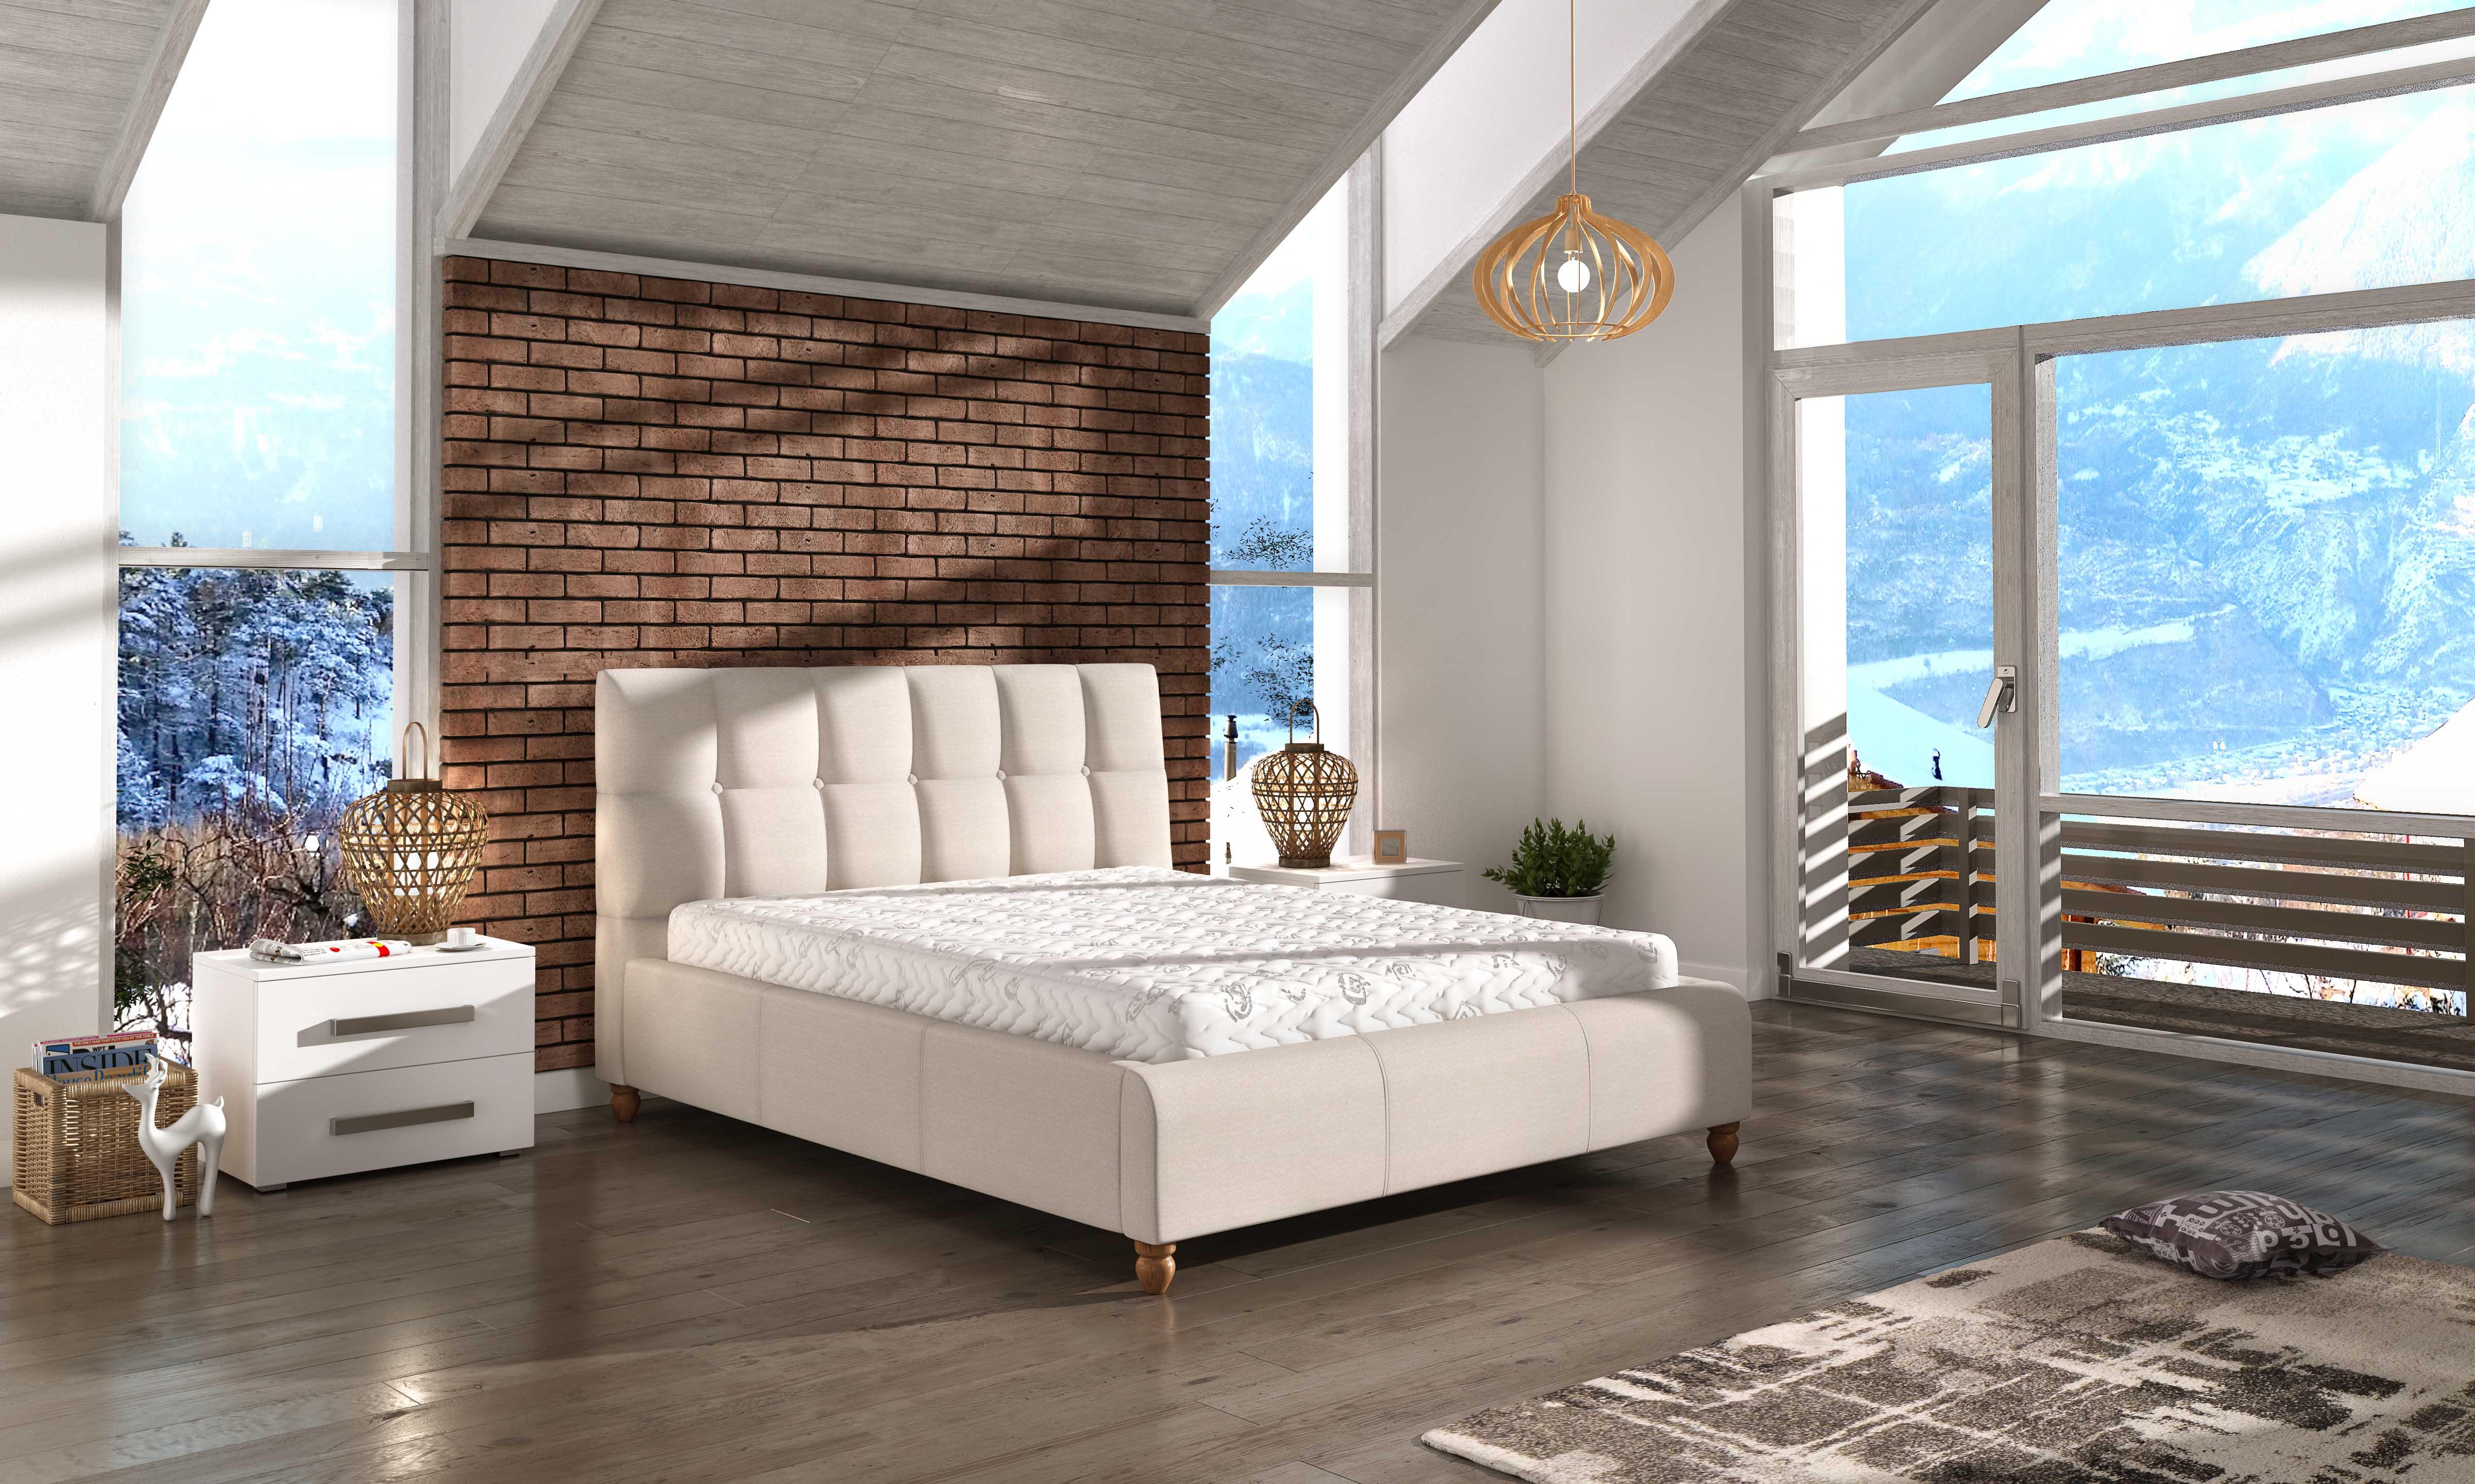 Manželská postel 140 cm - Ashill (s roštem)